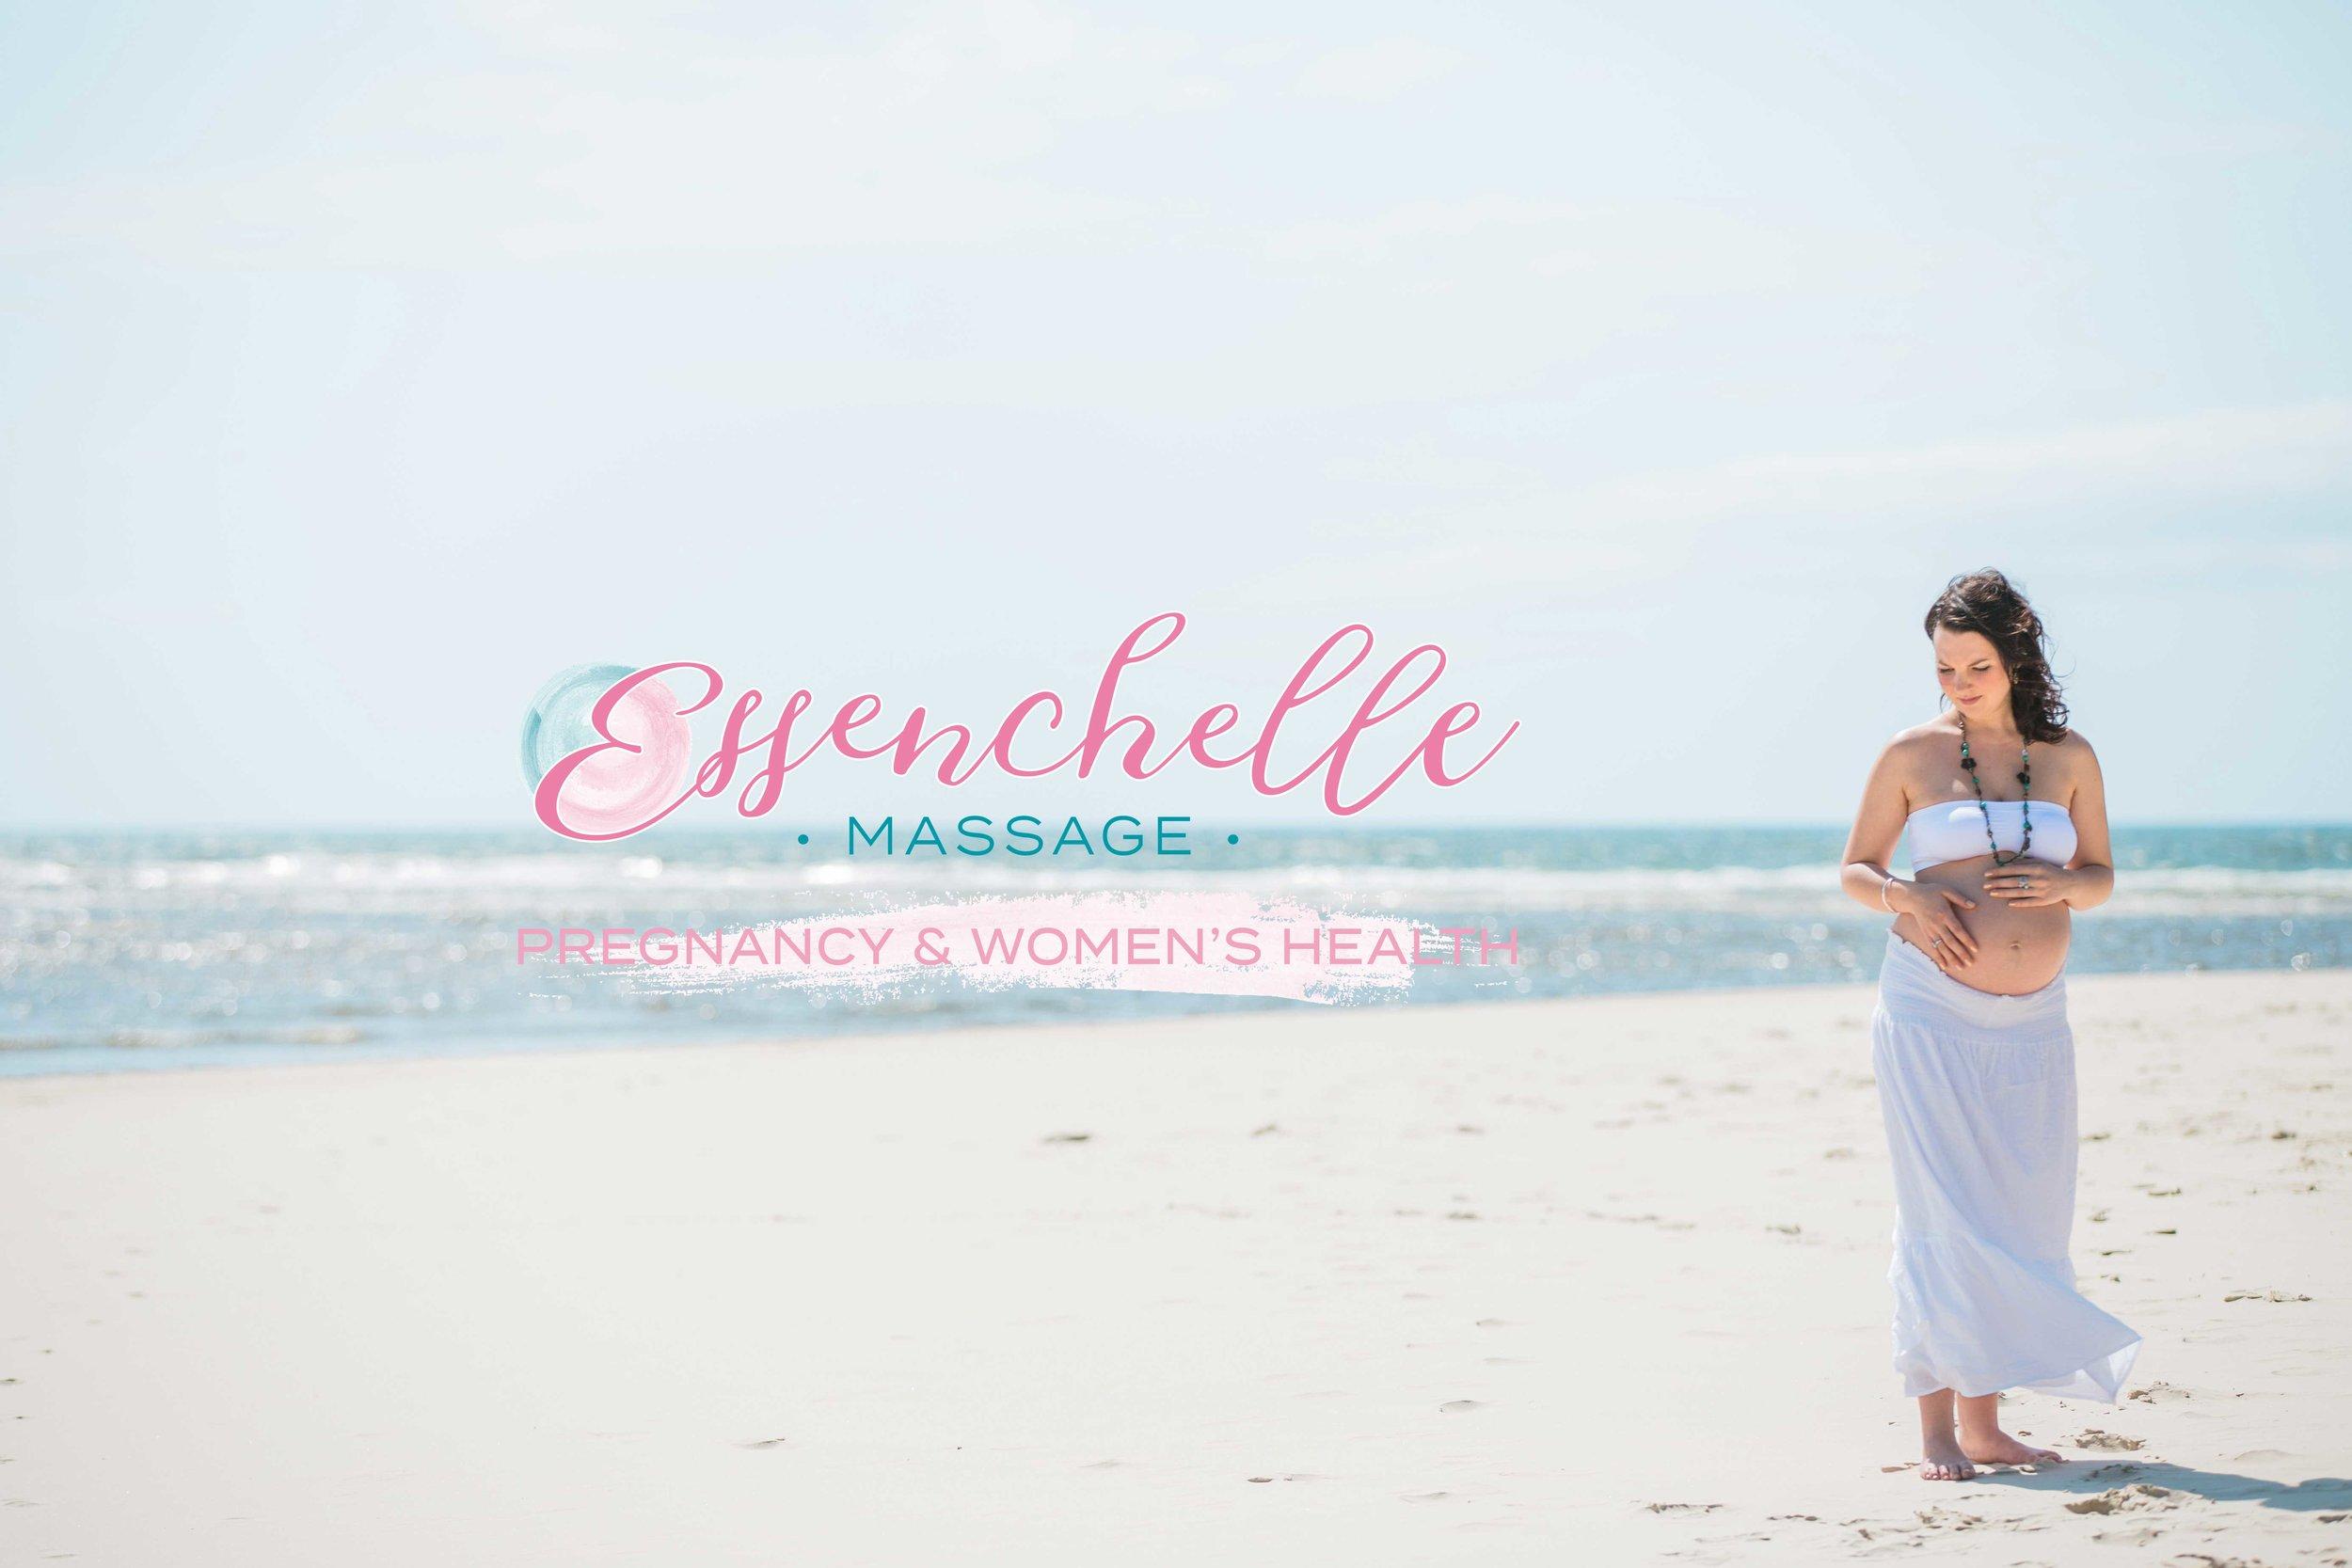 Essenchelle Pregnancy Massage Sunshine Coast